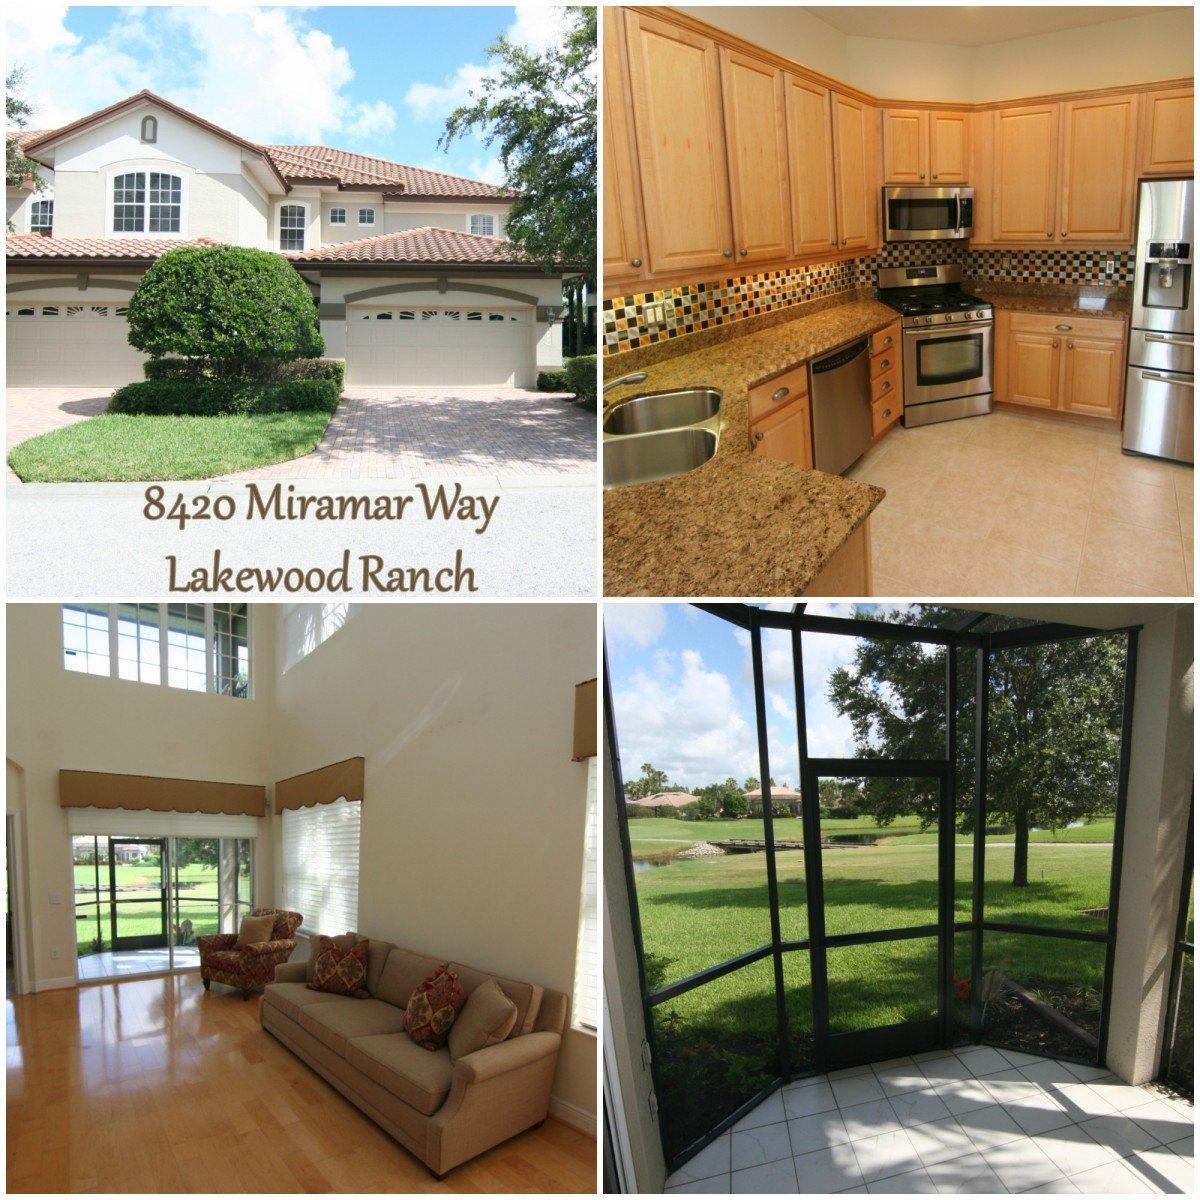 Lakewood Ranch Miramar Annual Rental